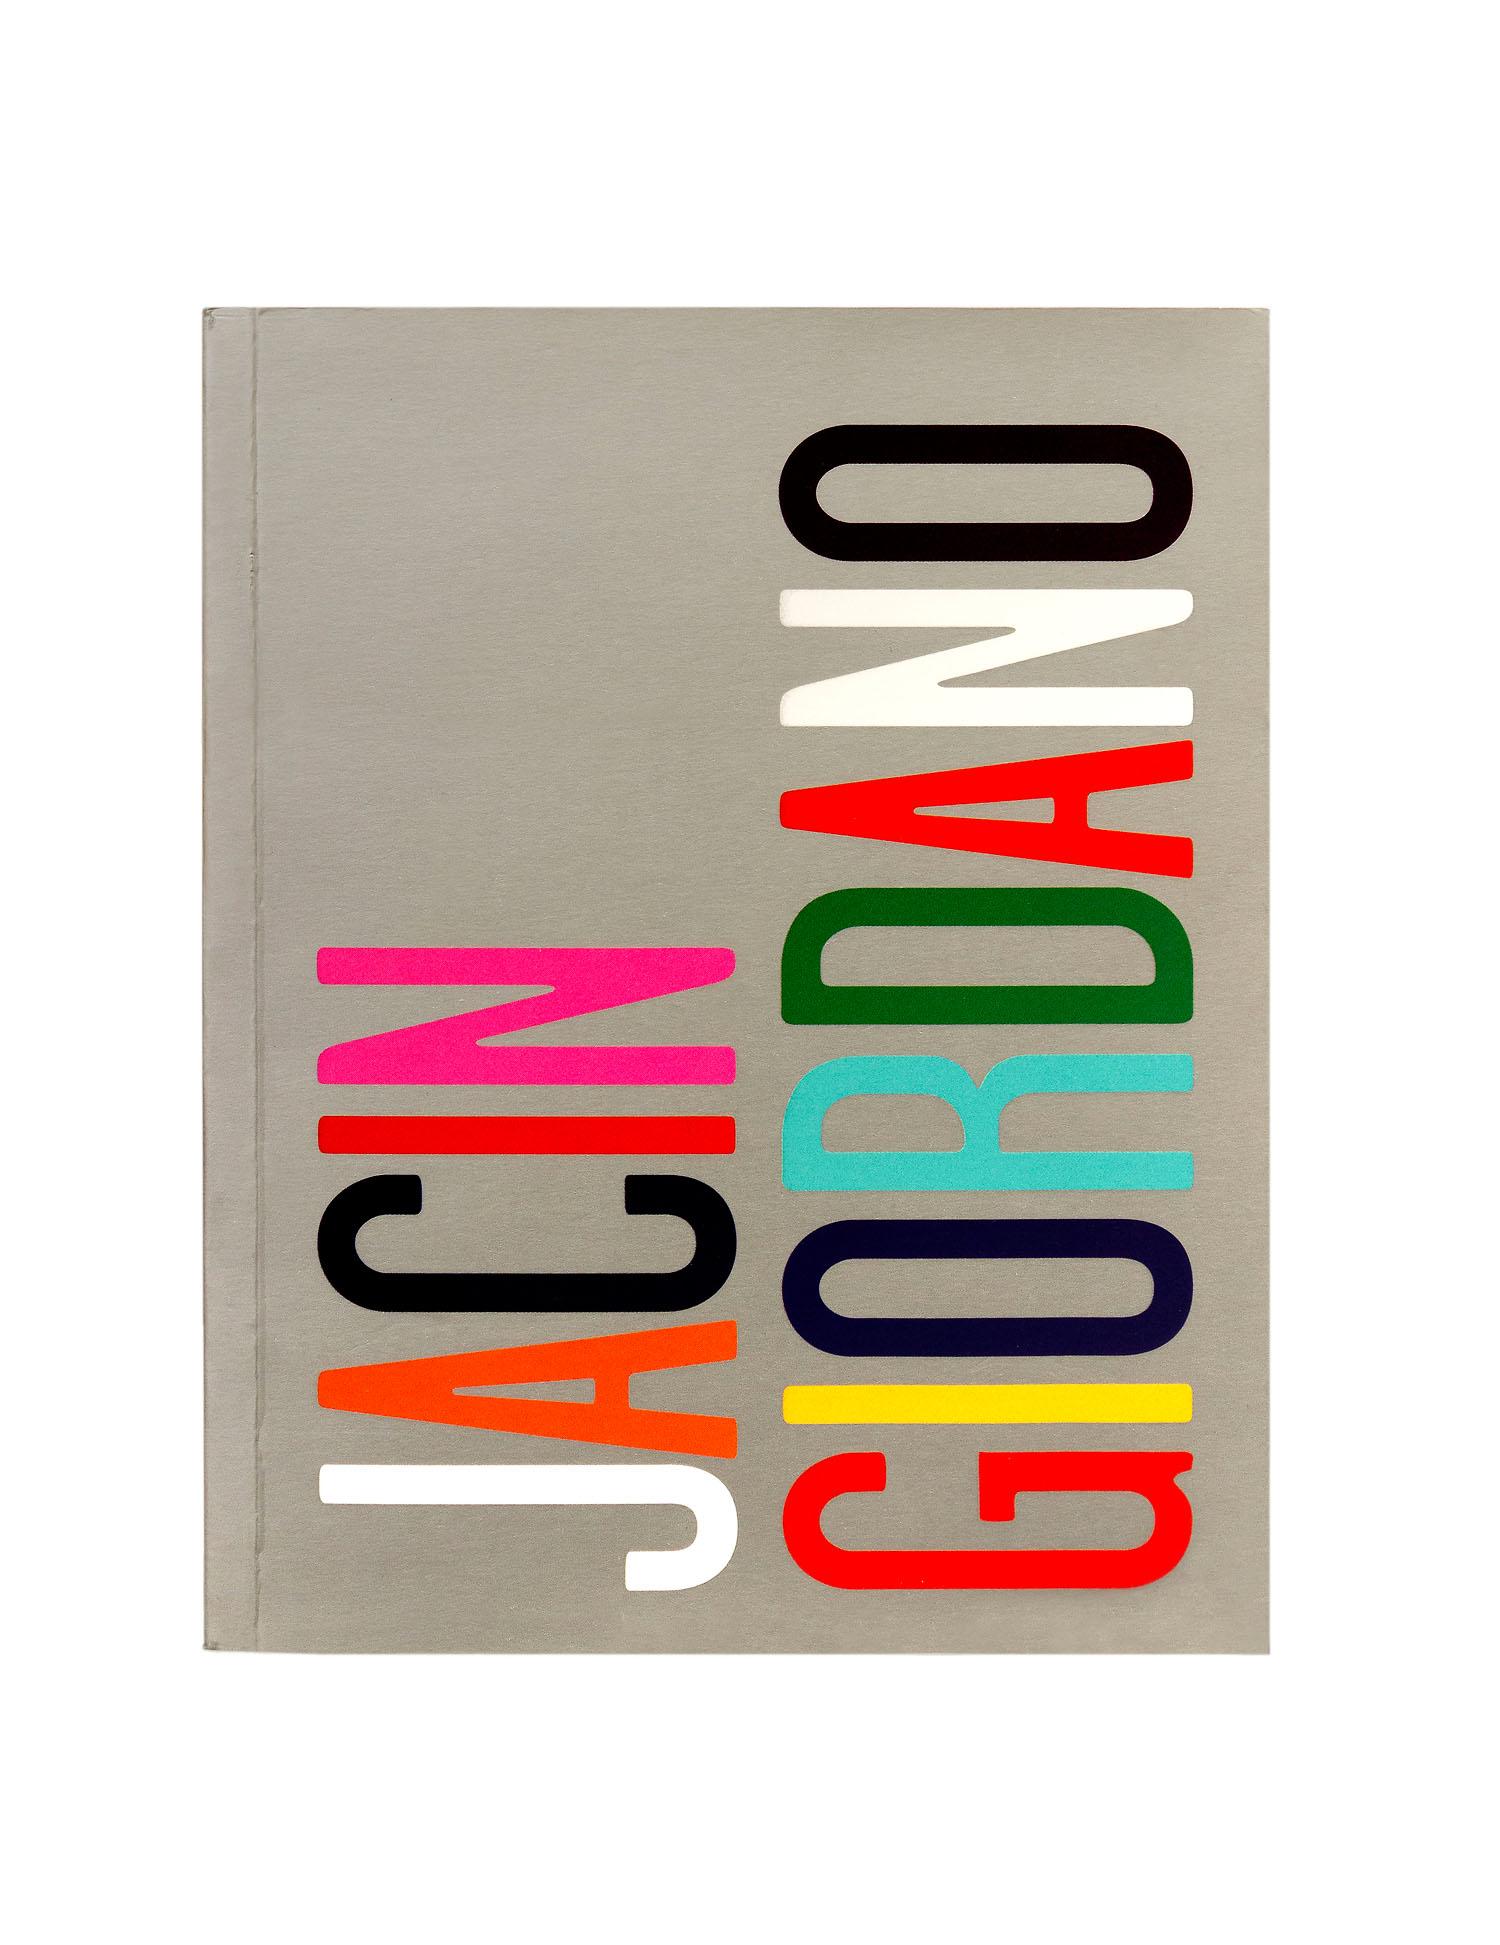 Jacin Giardino / Ed. Baumet-Sultana